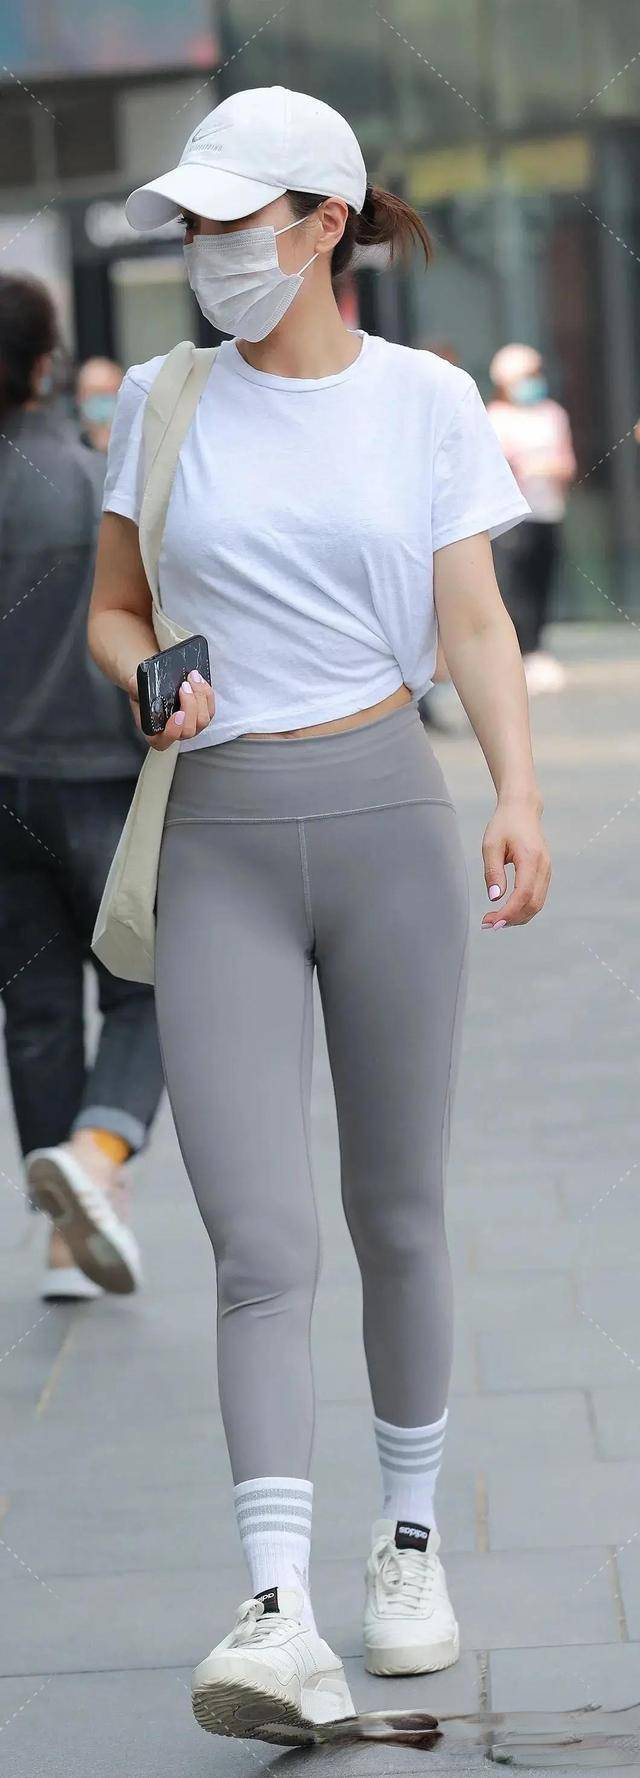 黑色瑜伽裤搭配青灰色紧身上衣,运动范儿十足,还很显瘦